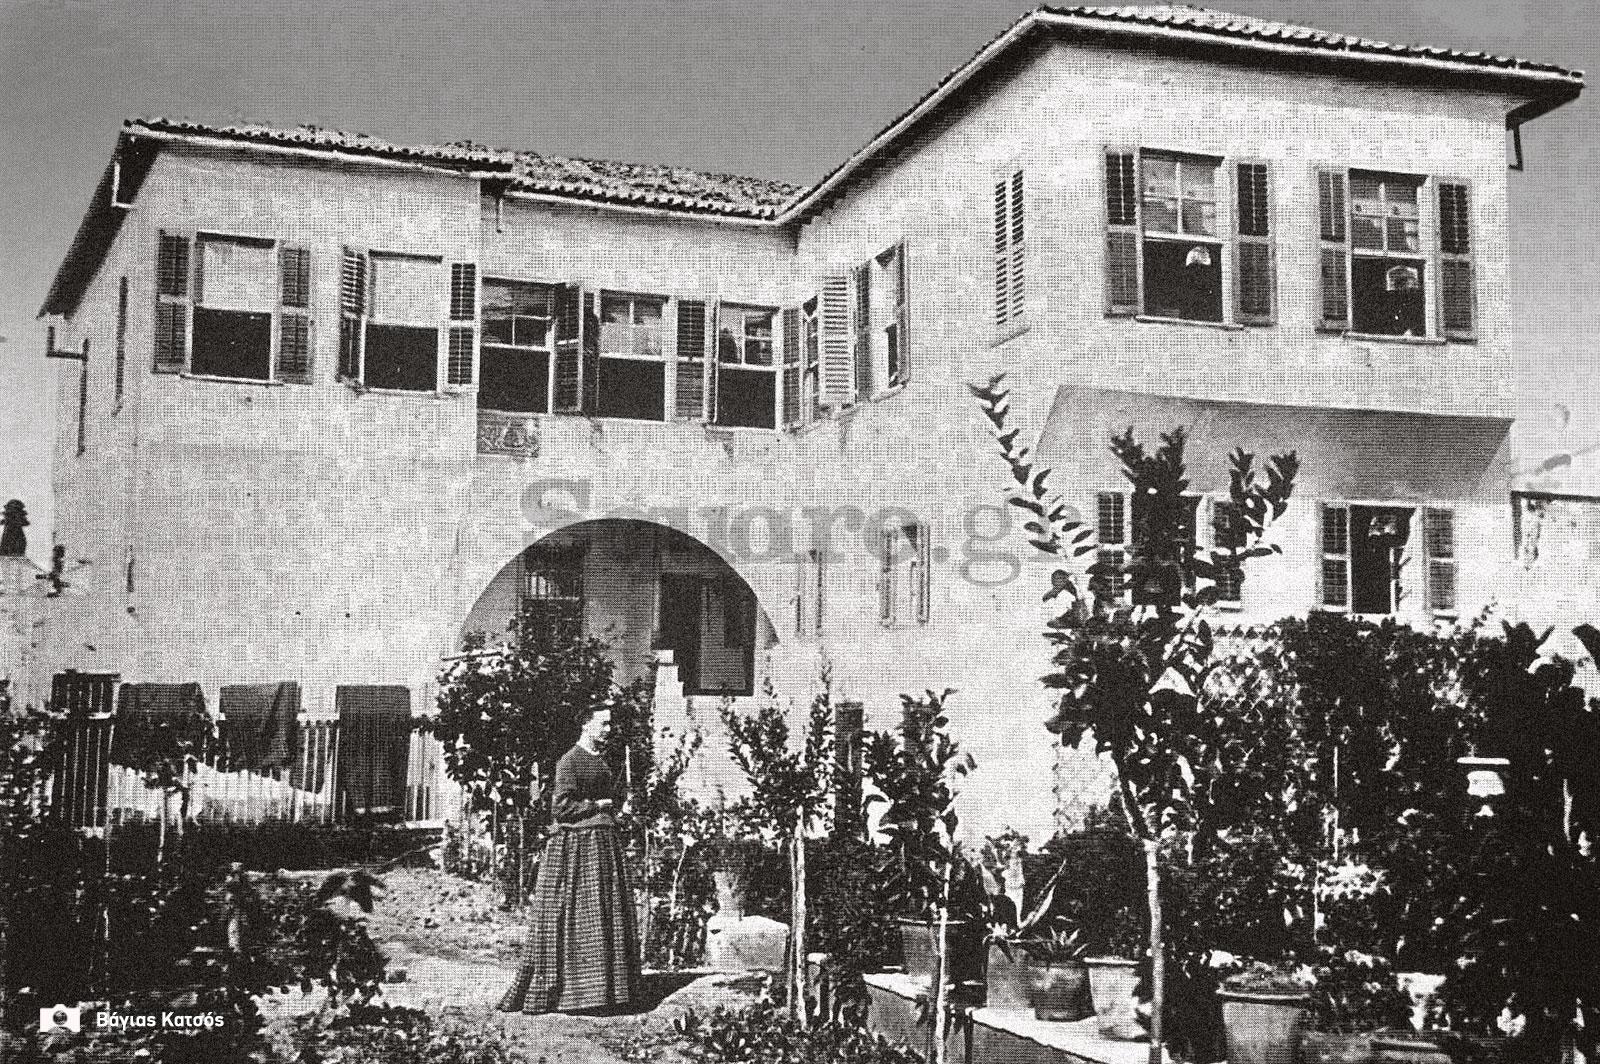 46-Σπίτια-Κοκκίνη-Σπίτι-Μένσελ-Βουδούρη-Κατεδαφίστηκε-πριν-το-1897-Φωτ-αγνώστου-Γενική-άποψη-final-square-logo